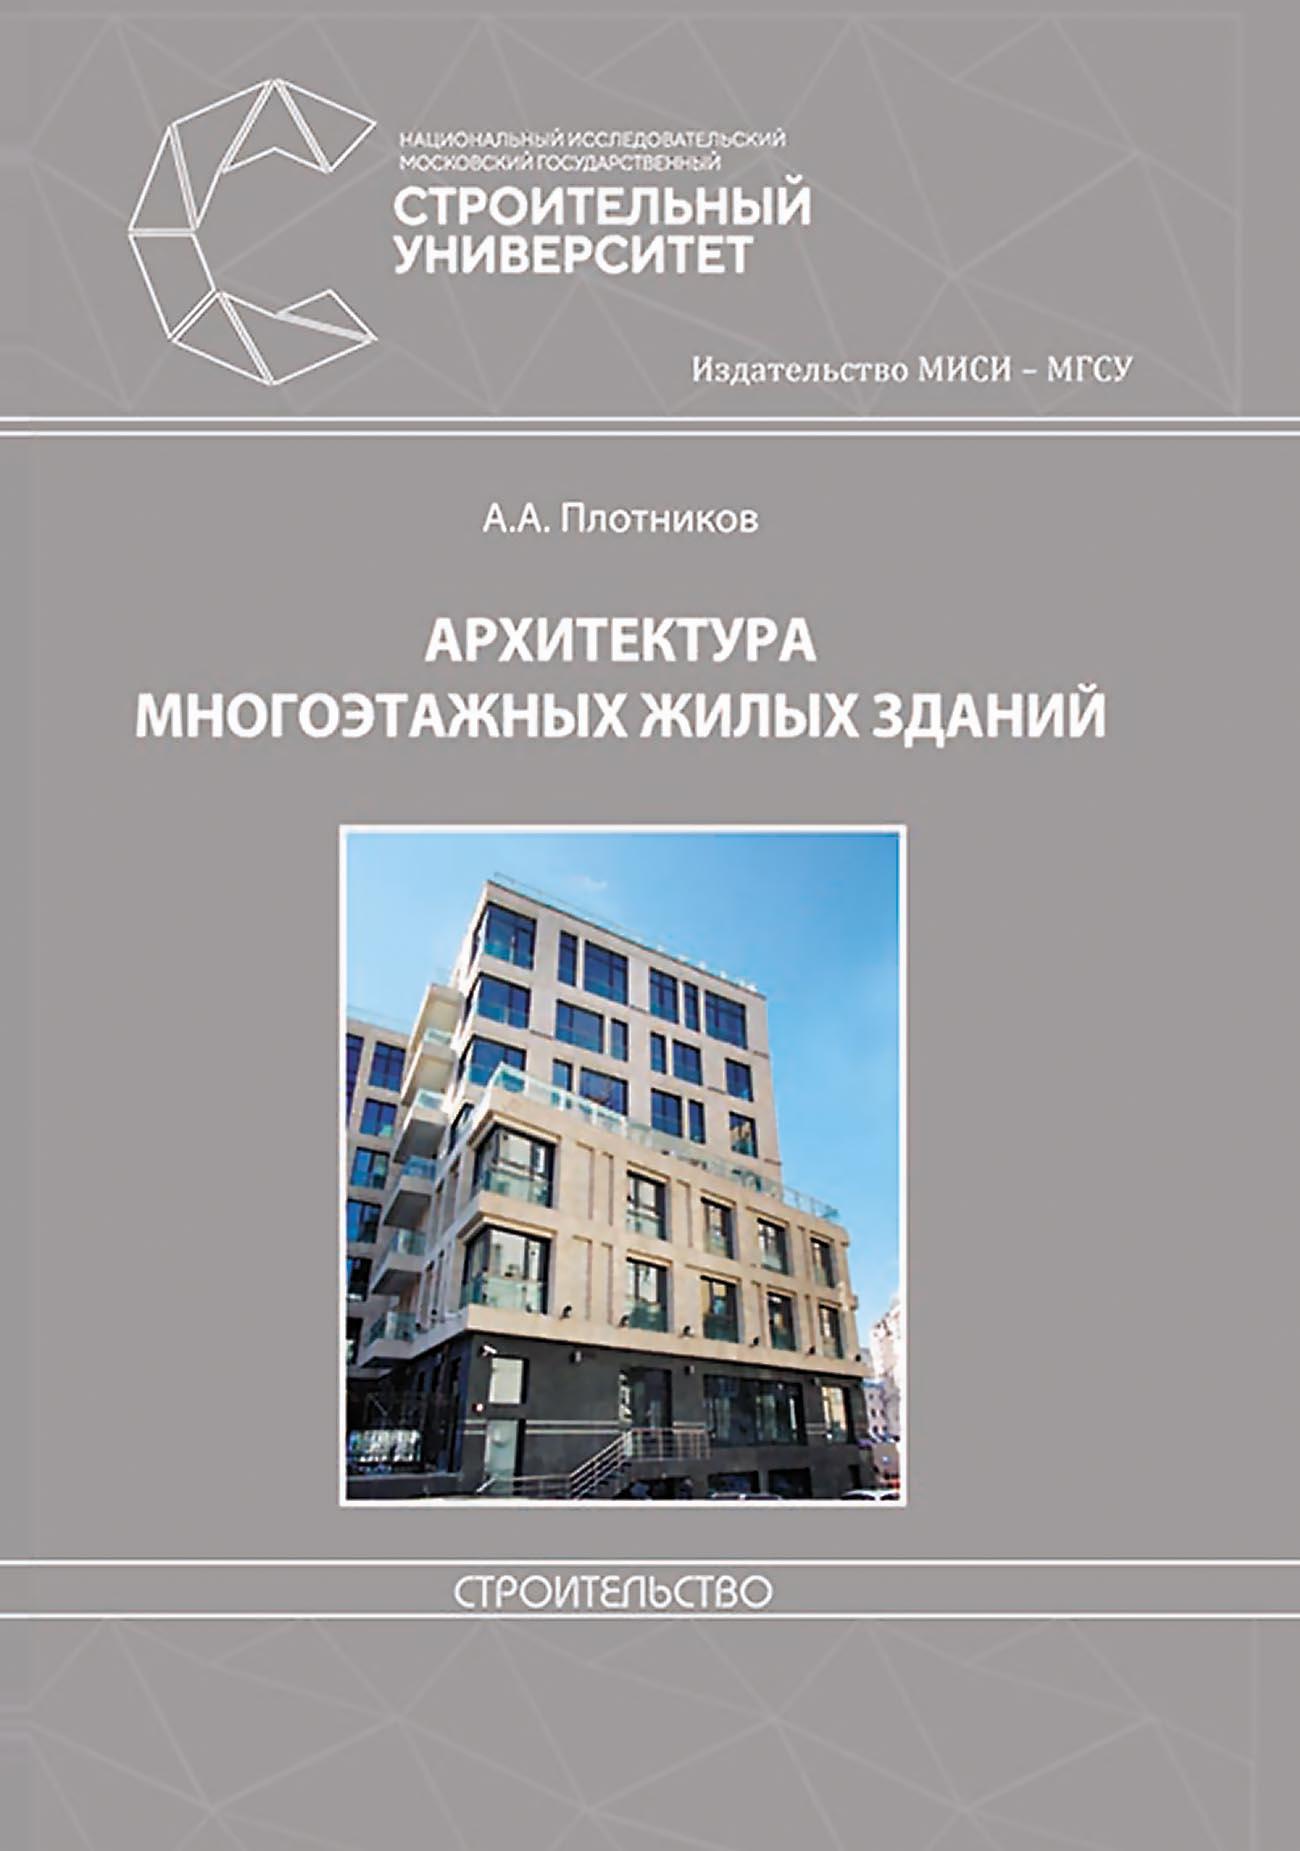 Фото - А. А. Плотников Архитектура многоэтажных жилых зданий олег прокопенко архитектурное проектирование жилых зданий